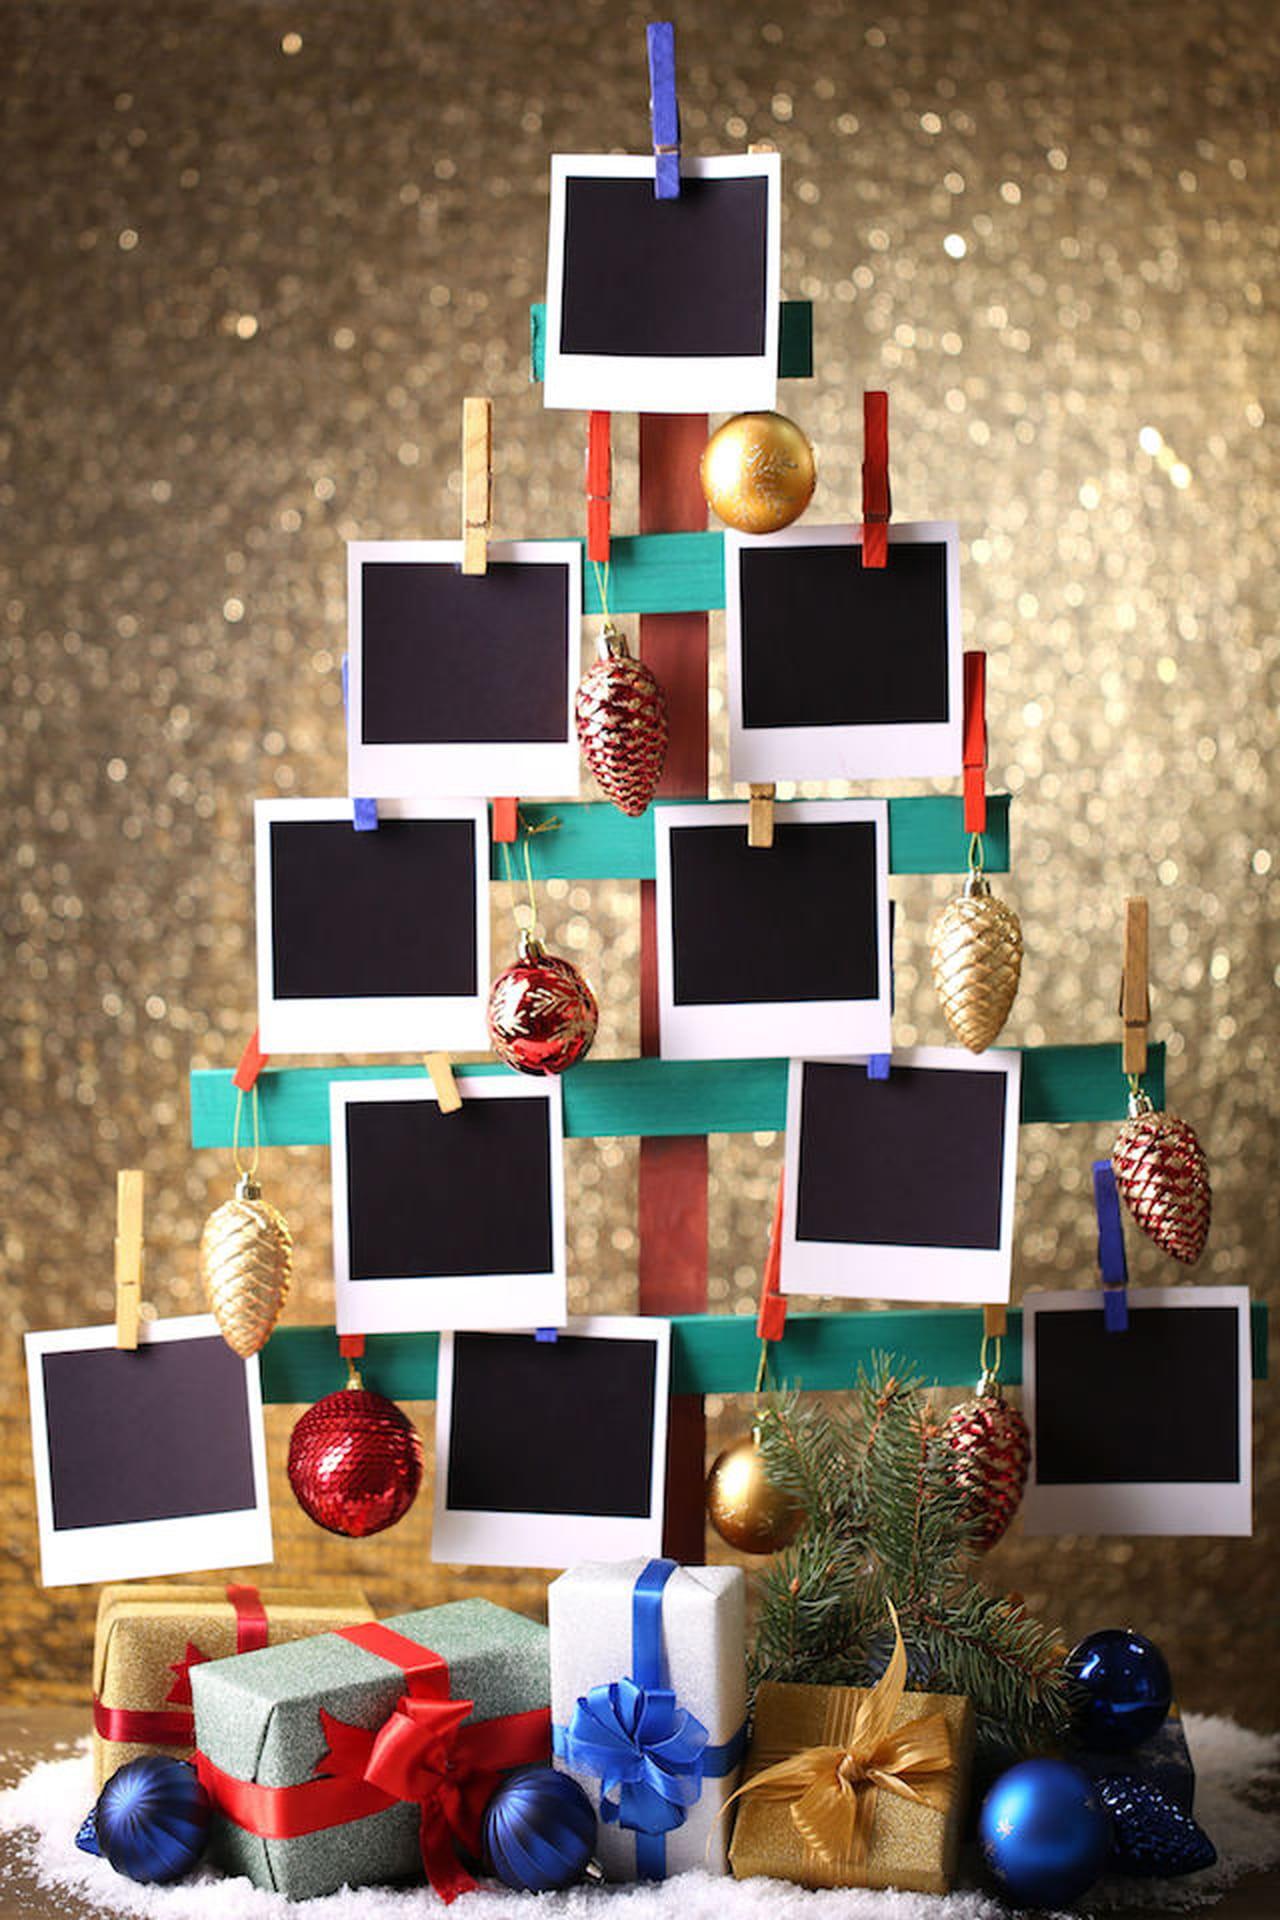 Conosciuto Decorazioni natalizie fai da te TQ28